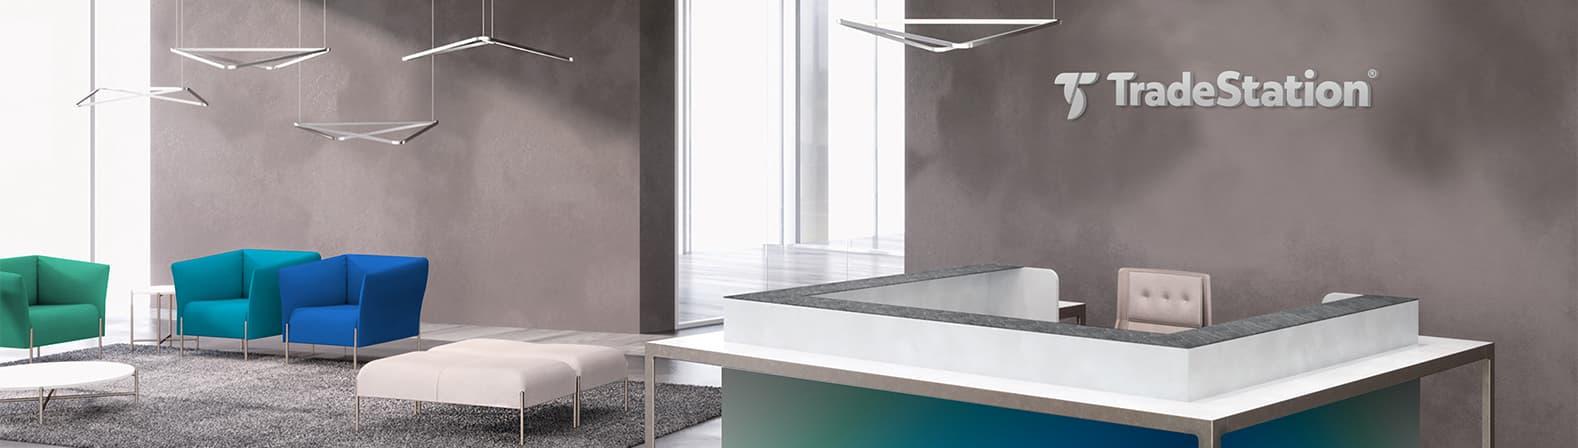 TradeStation - Reception Desk